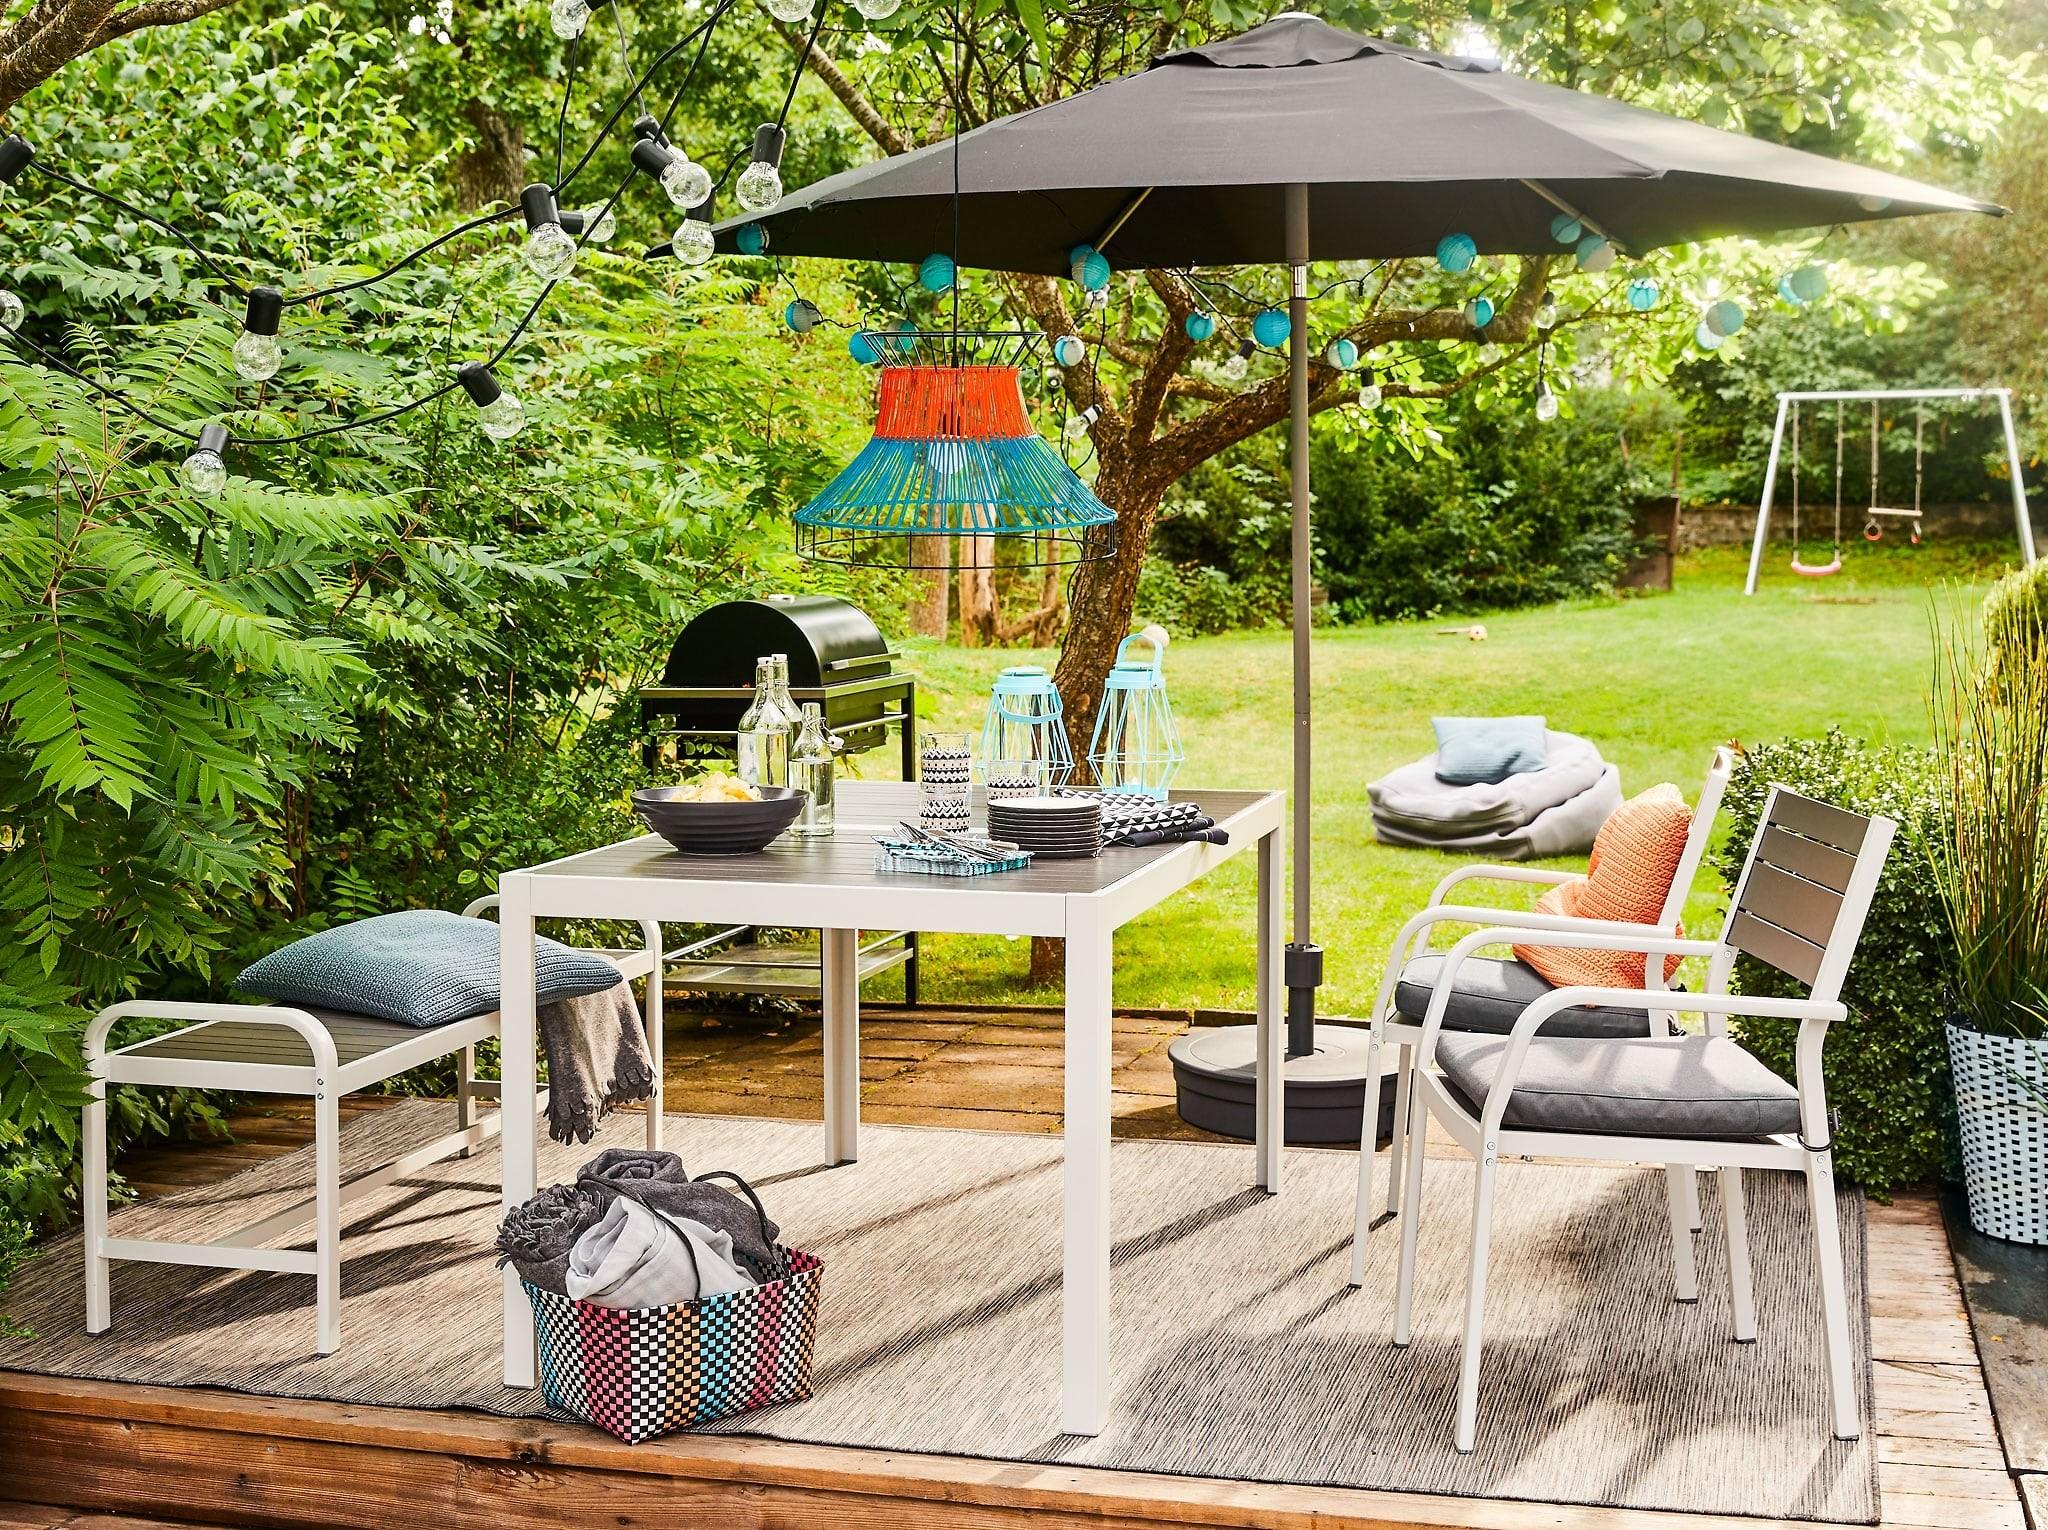 ikea fauteuil de jardin terrasse jardin ikea ikea ikea sjalland gris fonc c3 a9 ext c3 a9rieur table chaises empilable s5 ikea fauteuil de jardin